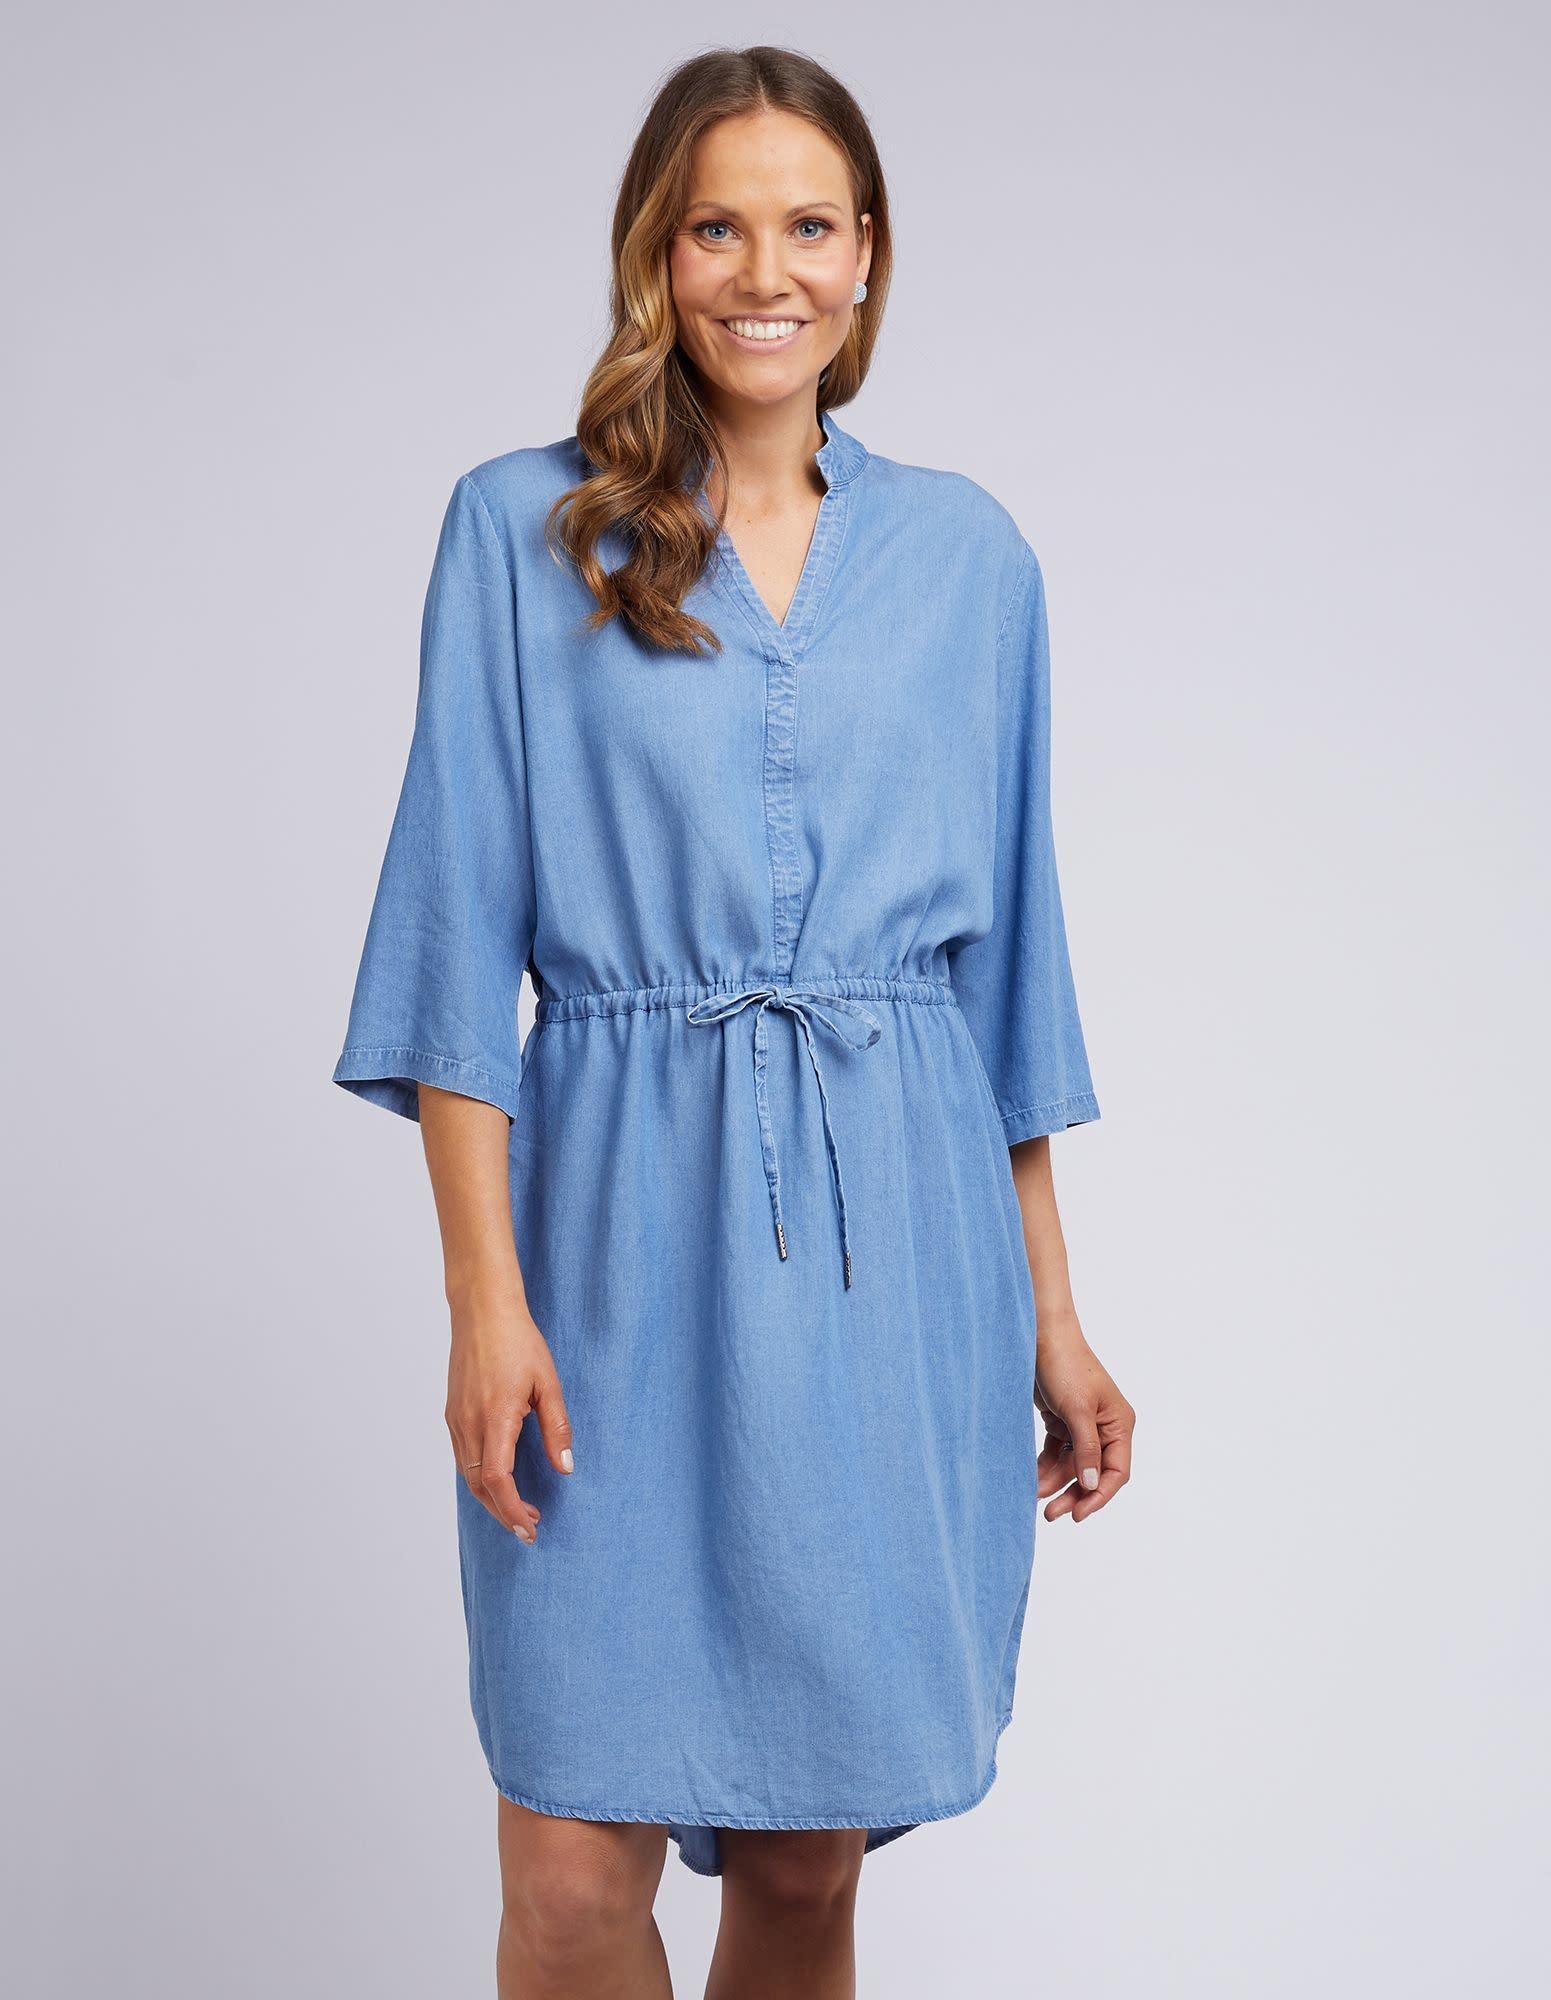 Elm Chelsie Chambray Dress